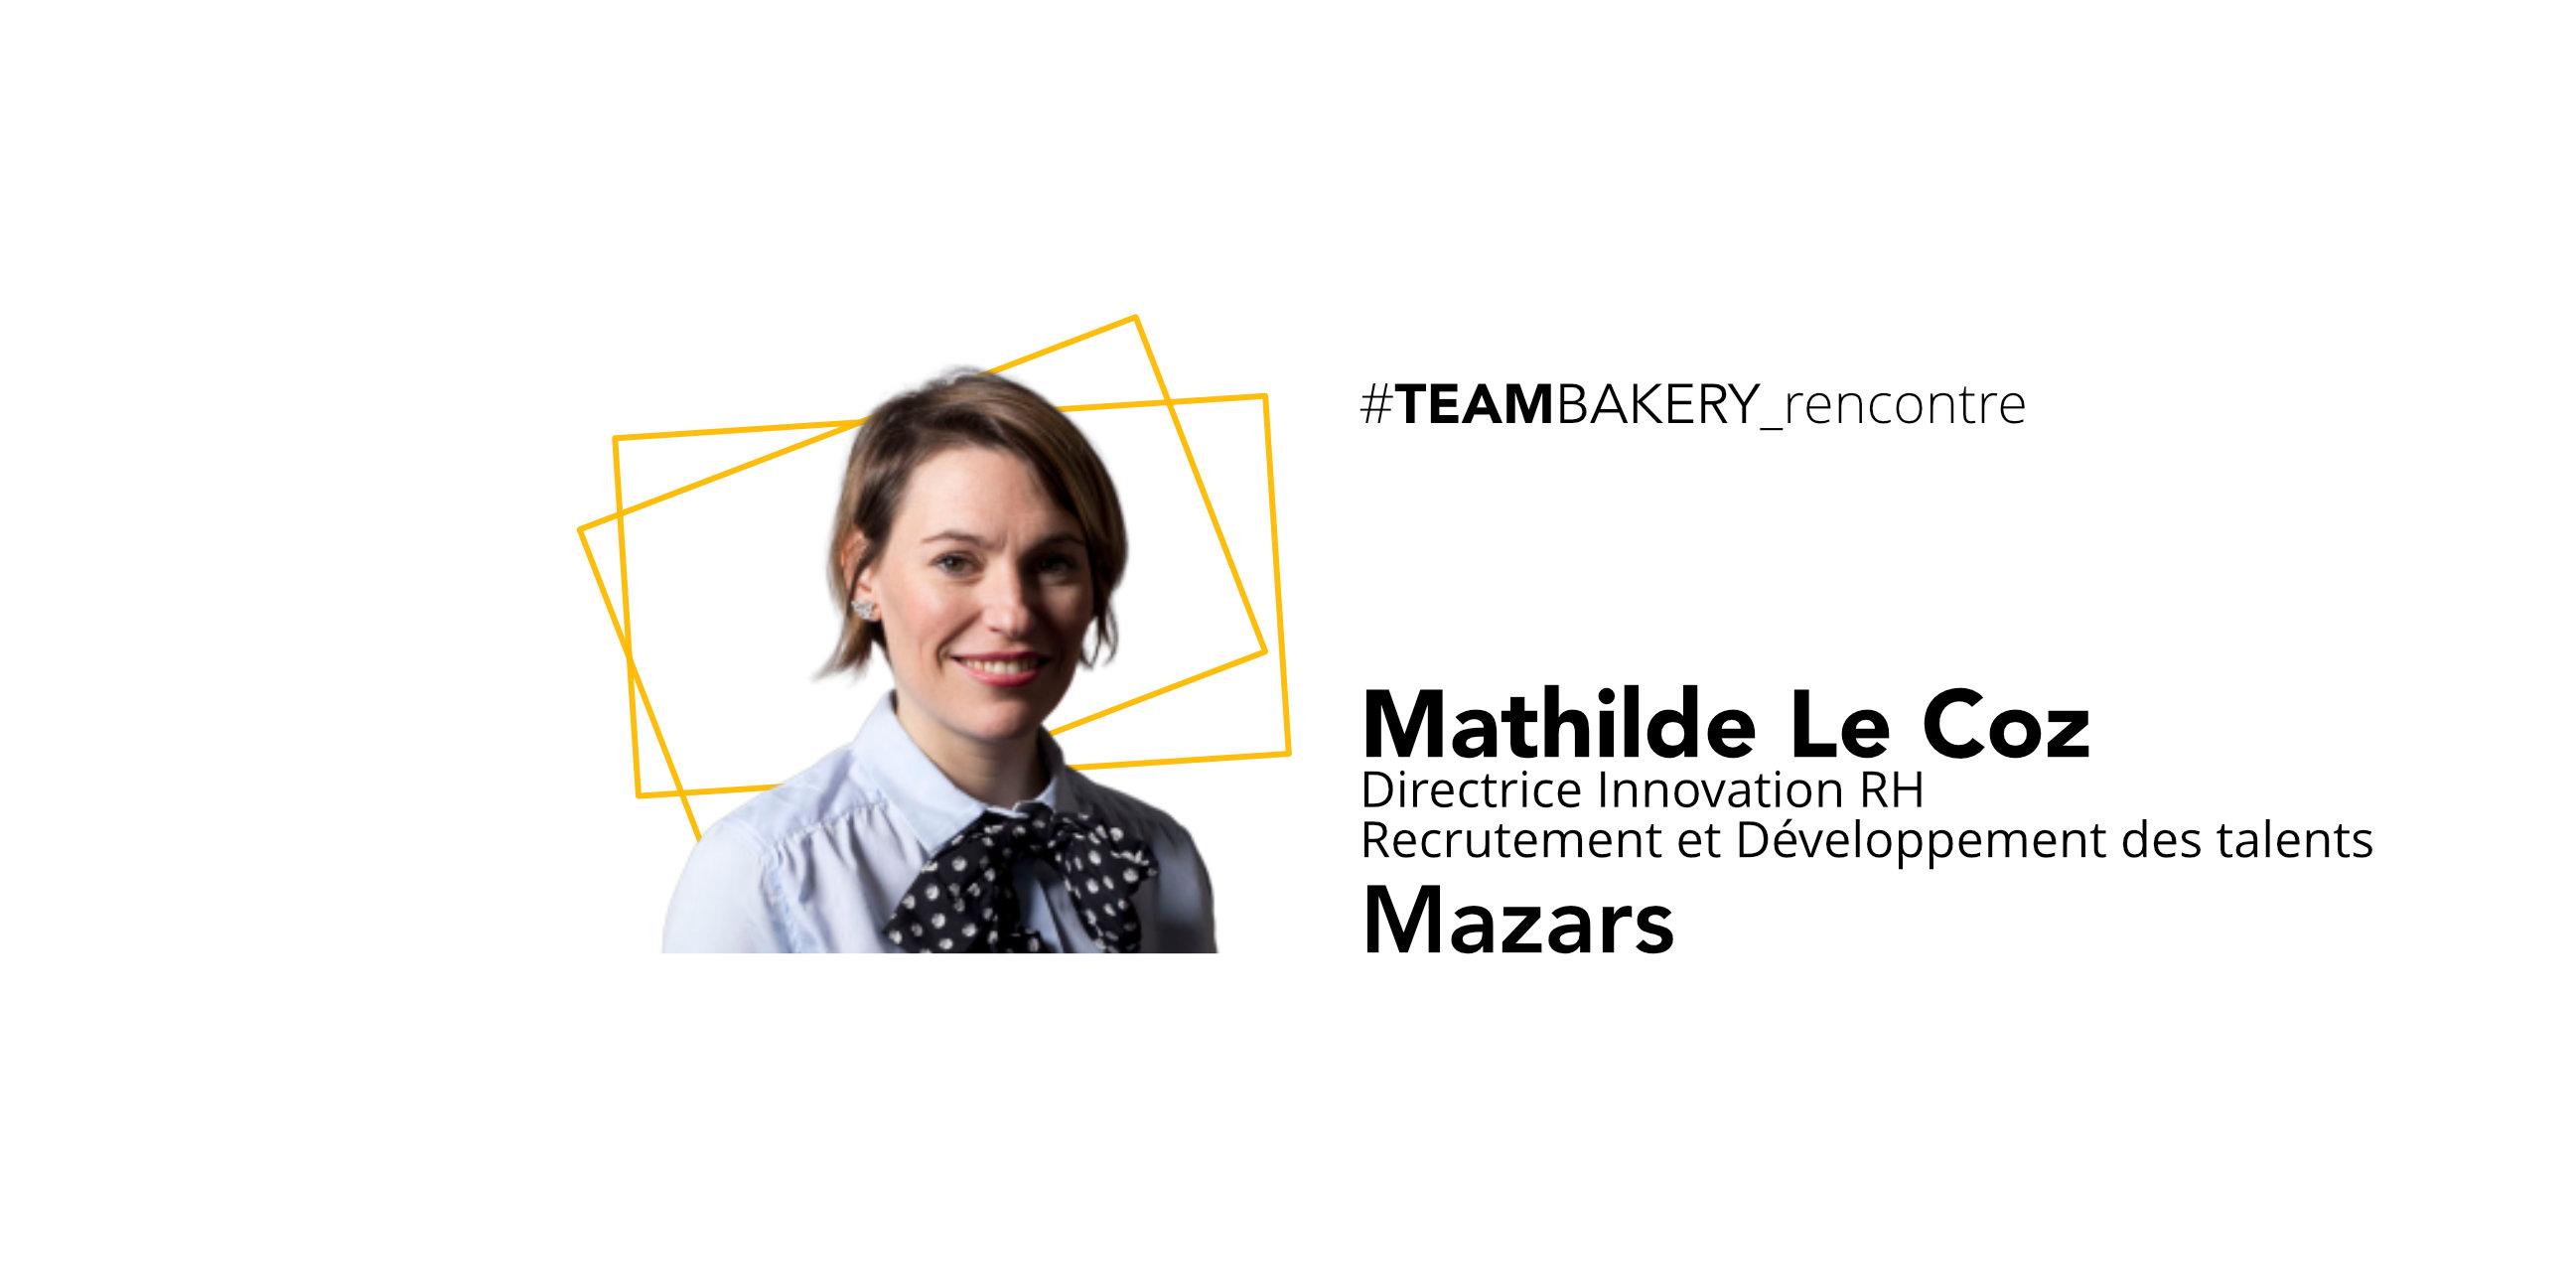 La confiance comme levier de transformation de l'organisation par Mathilde Le Coz, Directrice Innovation RH chez Mazars